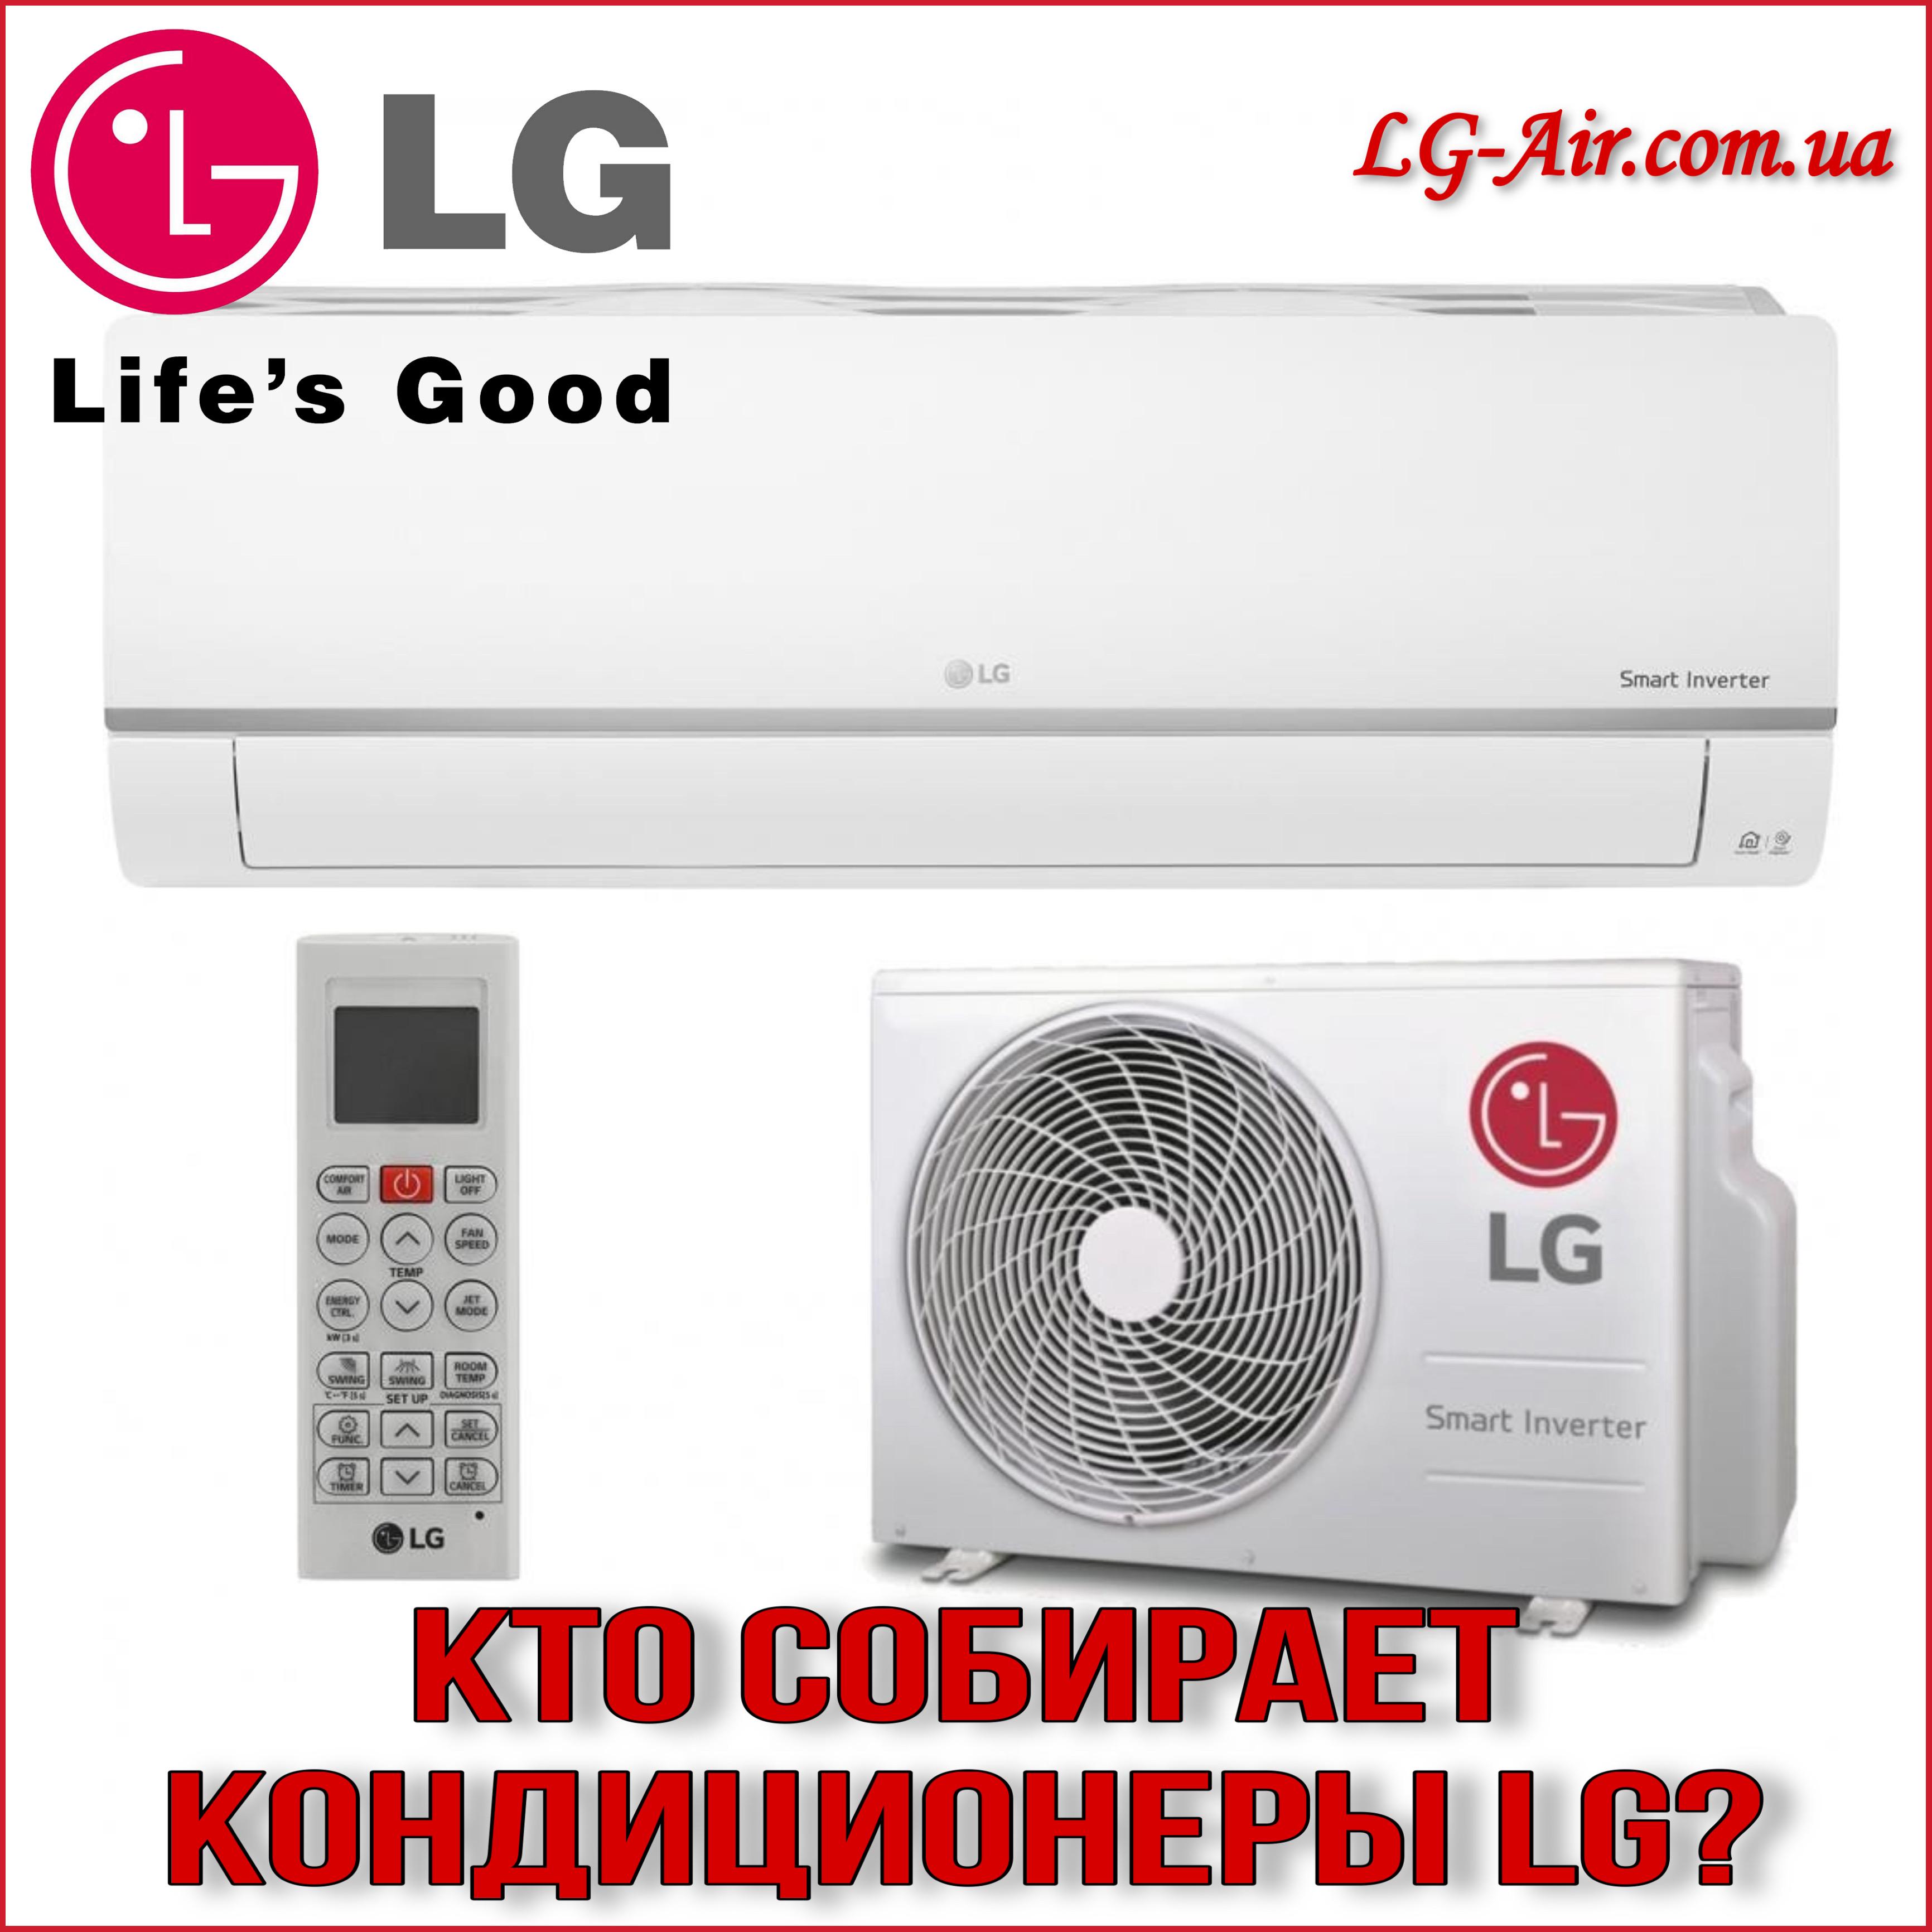 Где собираются кондиционеры LG - кто их производит и в каких странах?